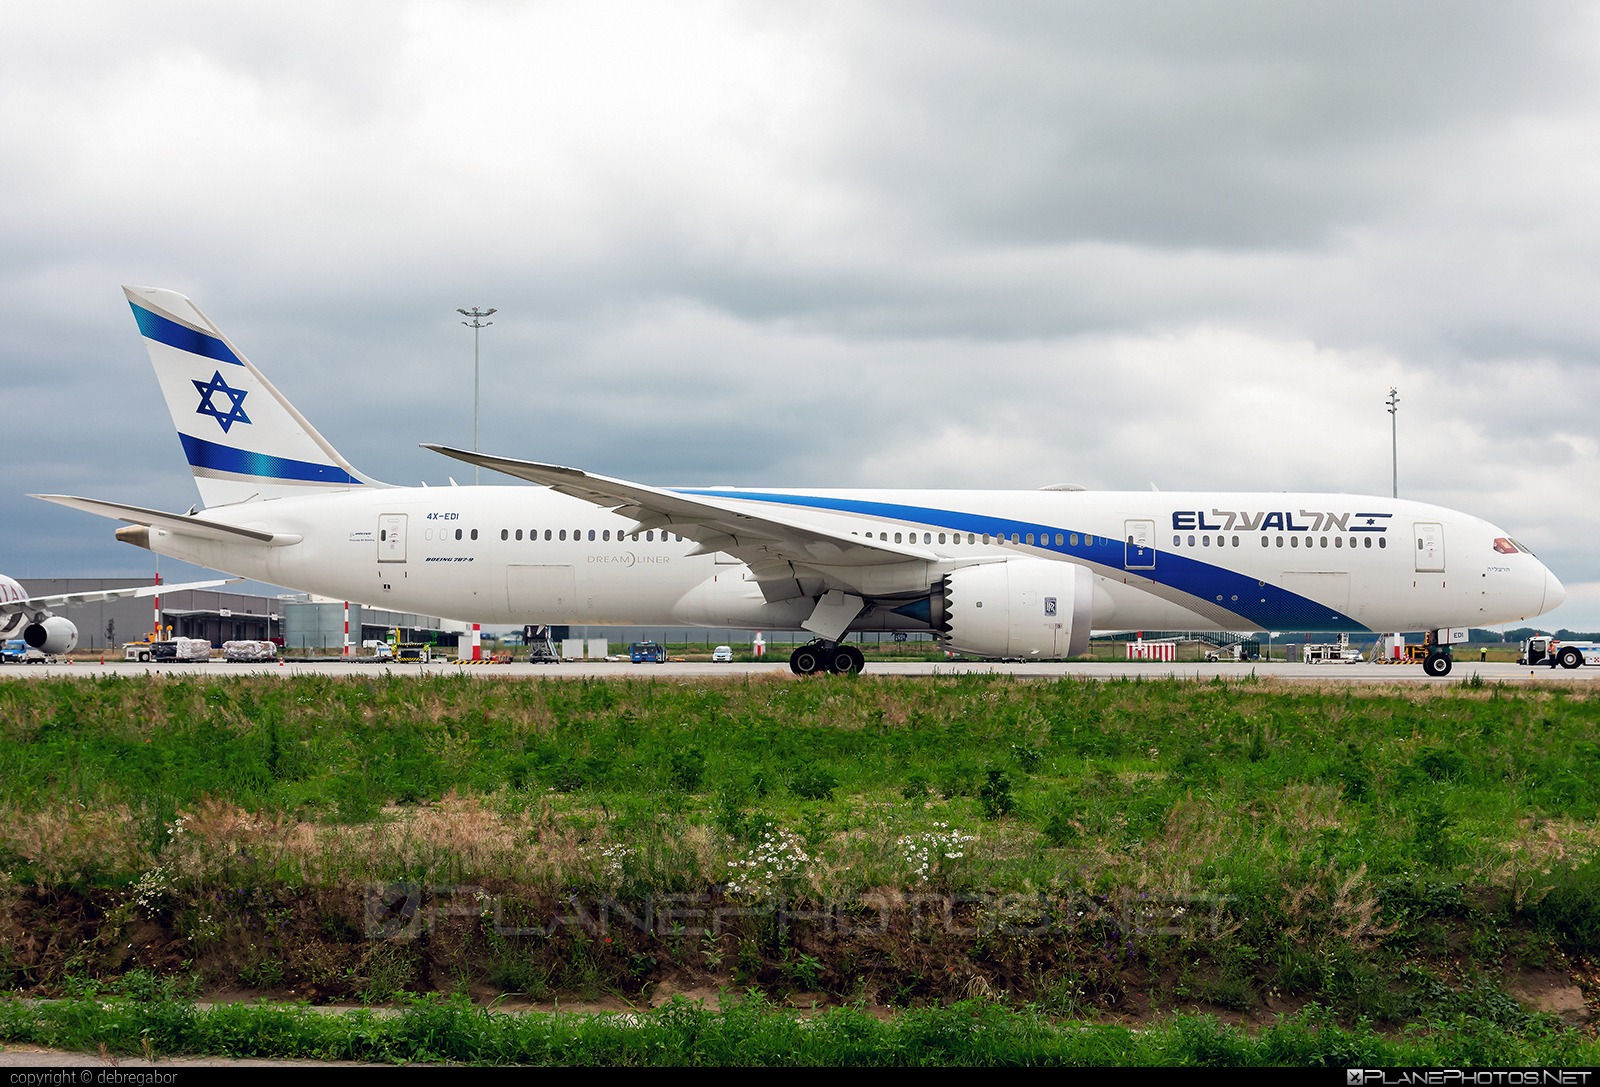 Boeing 787-9 Dreamliner - 4X-EDI operated by El Al Israel Airlines #b787 #boeing #boeing787 #dreamliner #elal #elalisraelairlines #israelairlines